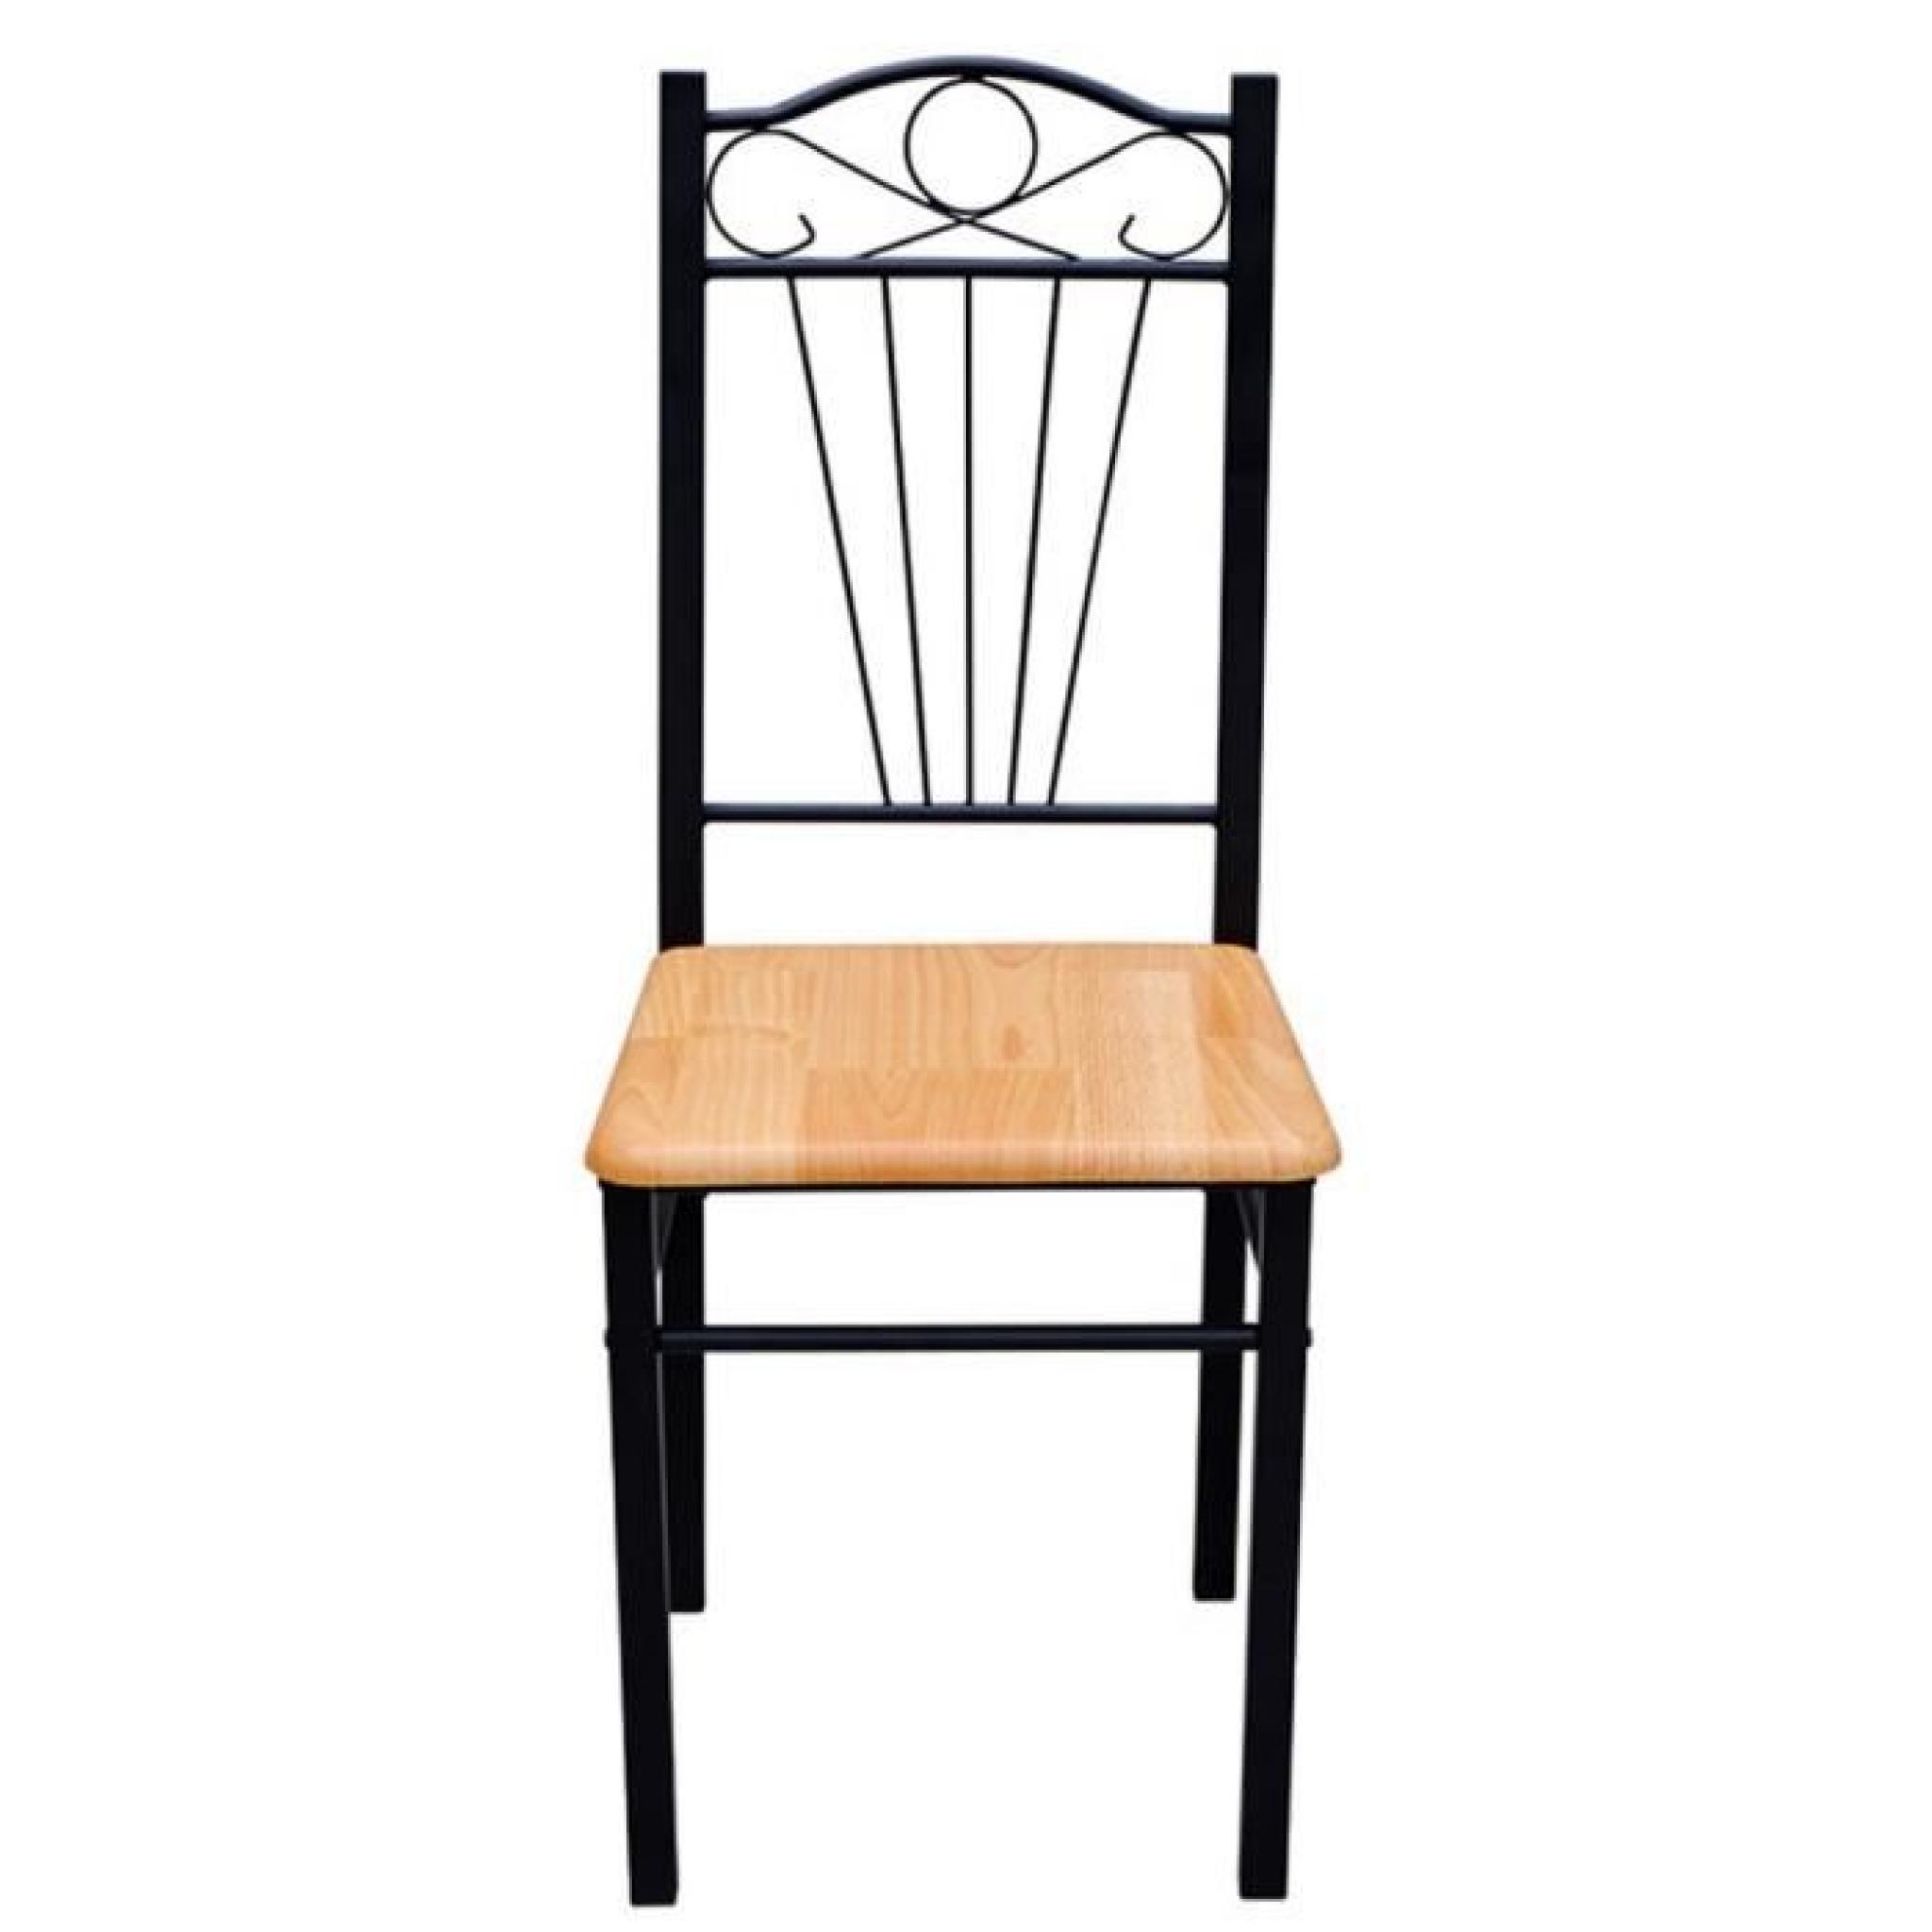 Magnifique Chaise en MDF lot de 2 Achat Vente chaise salle a manger pas cher Couleur et